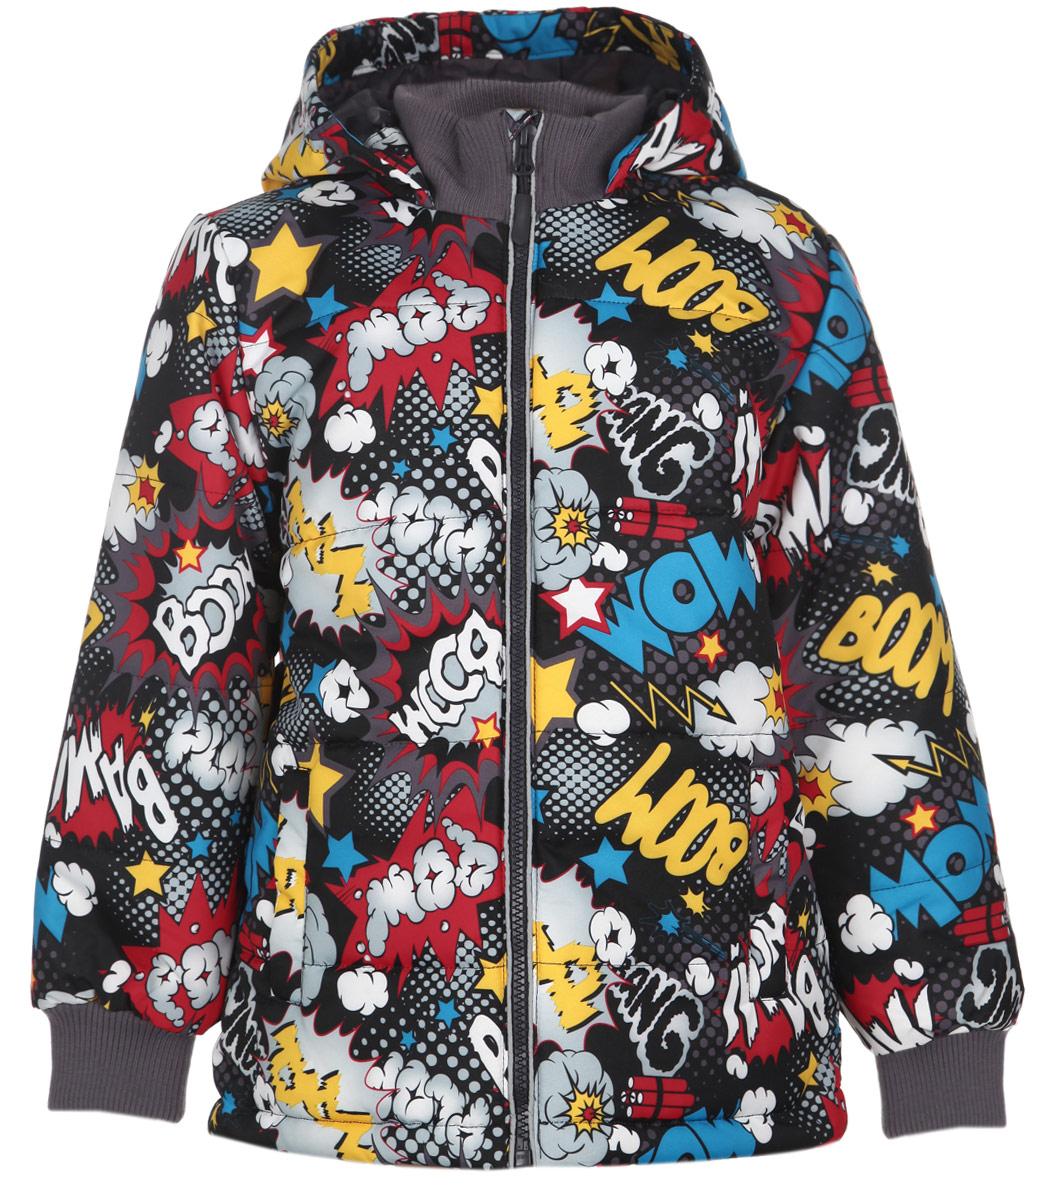 Куртка для мальчика. 161051161051Стильная куртка для мальчика PlayToday идеально подойдет для ребенка в прохладное время года. Куртка, изготовленная из водоотталкивающей и ветрозащитной ткани (100% полиэстера), утеплена синтепоном, который отлично сохраняет тепло. В качестве подкладки также используется 100% полиэстер. Куртка с капюшоном застегивается на пластиковую застежку-молнию с удобным держателем и дополнительно имеет защиту подбородка и внутреннюю ветрозащитную планку. Капюшон не отстегивается и по краю присборен на эластичную резинку со стопперами. Рукава имеют широкие трикотажные манжеты. Спереди модель дополнена двумя прорезными карманами. Понизу проходит скрытая кулиска со стопперами. Оформлено изделие ярким оригинальным принтом. Комфортная, удобная и практичная куртка идеально подойдет для прогулок и игр на свежем воздухе!